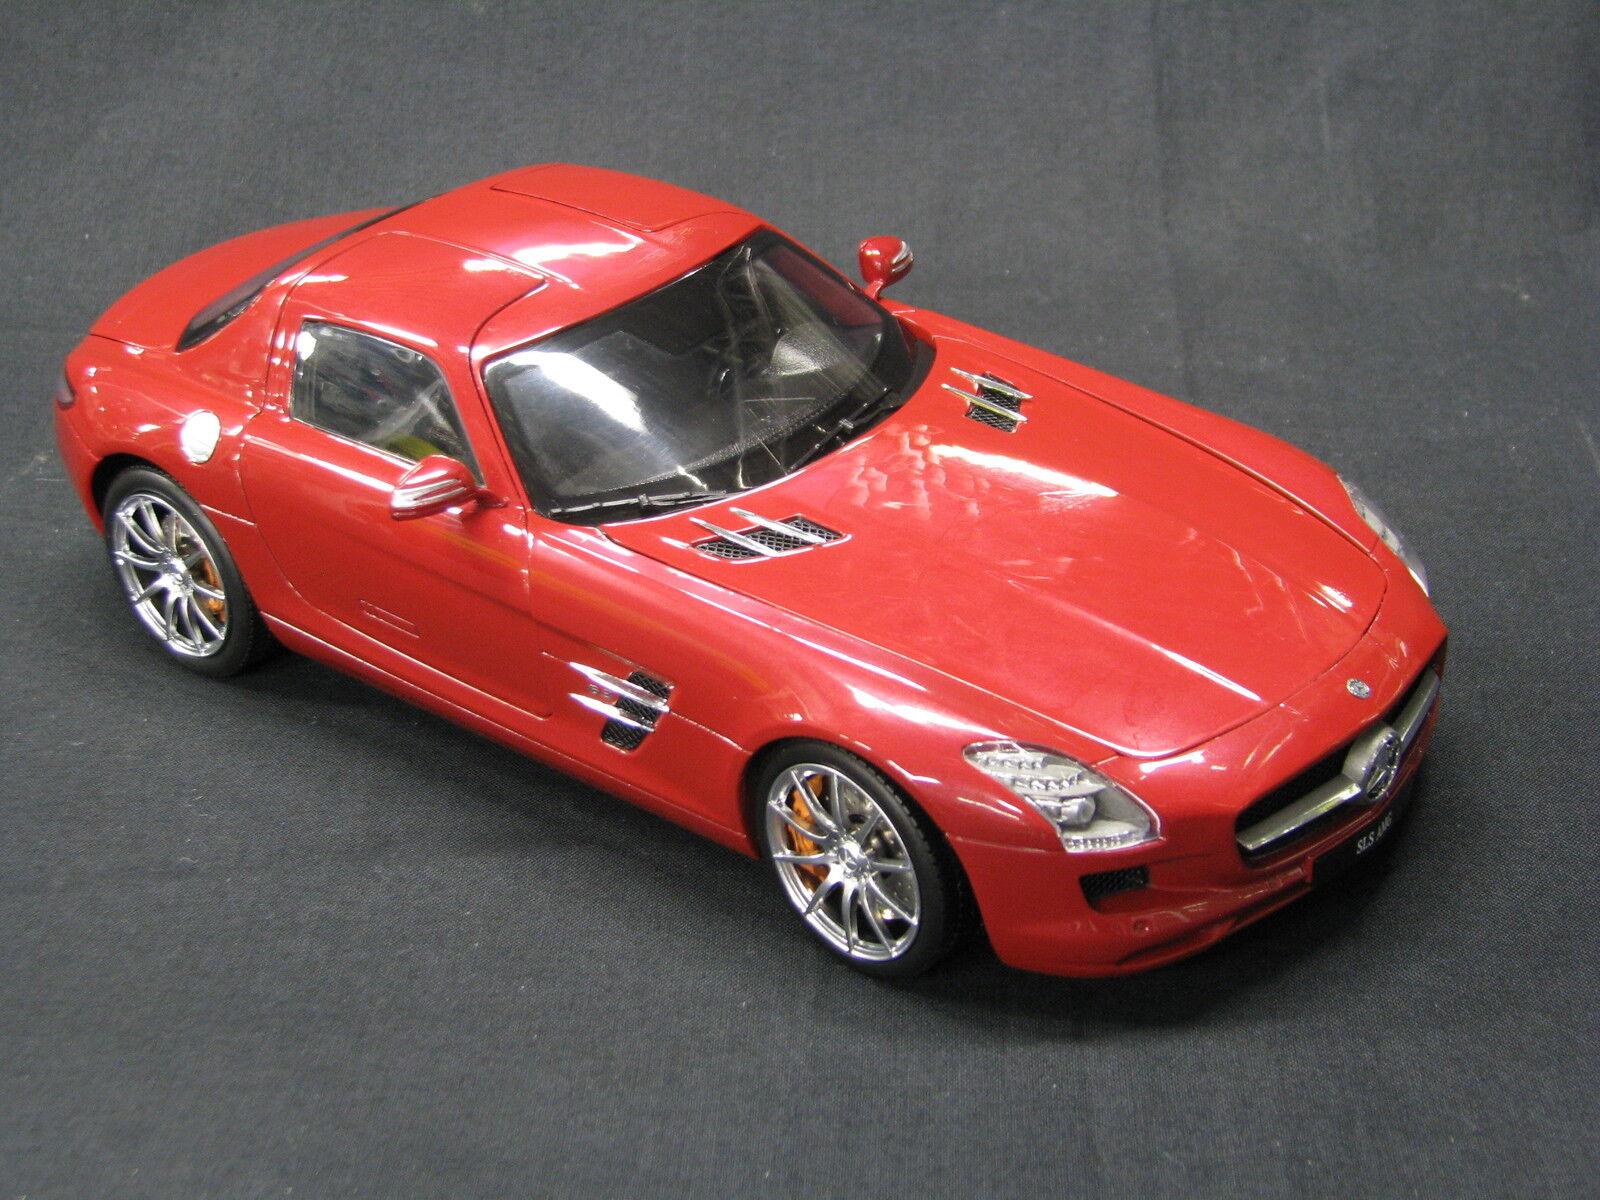 Mercedes - benz sls amg gt - 1,18 rot (mcc)